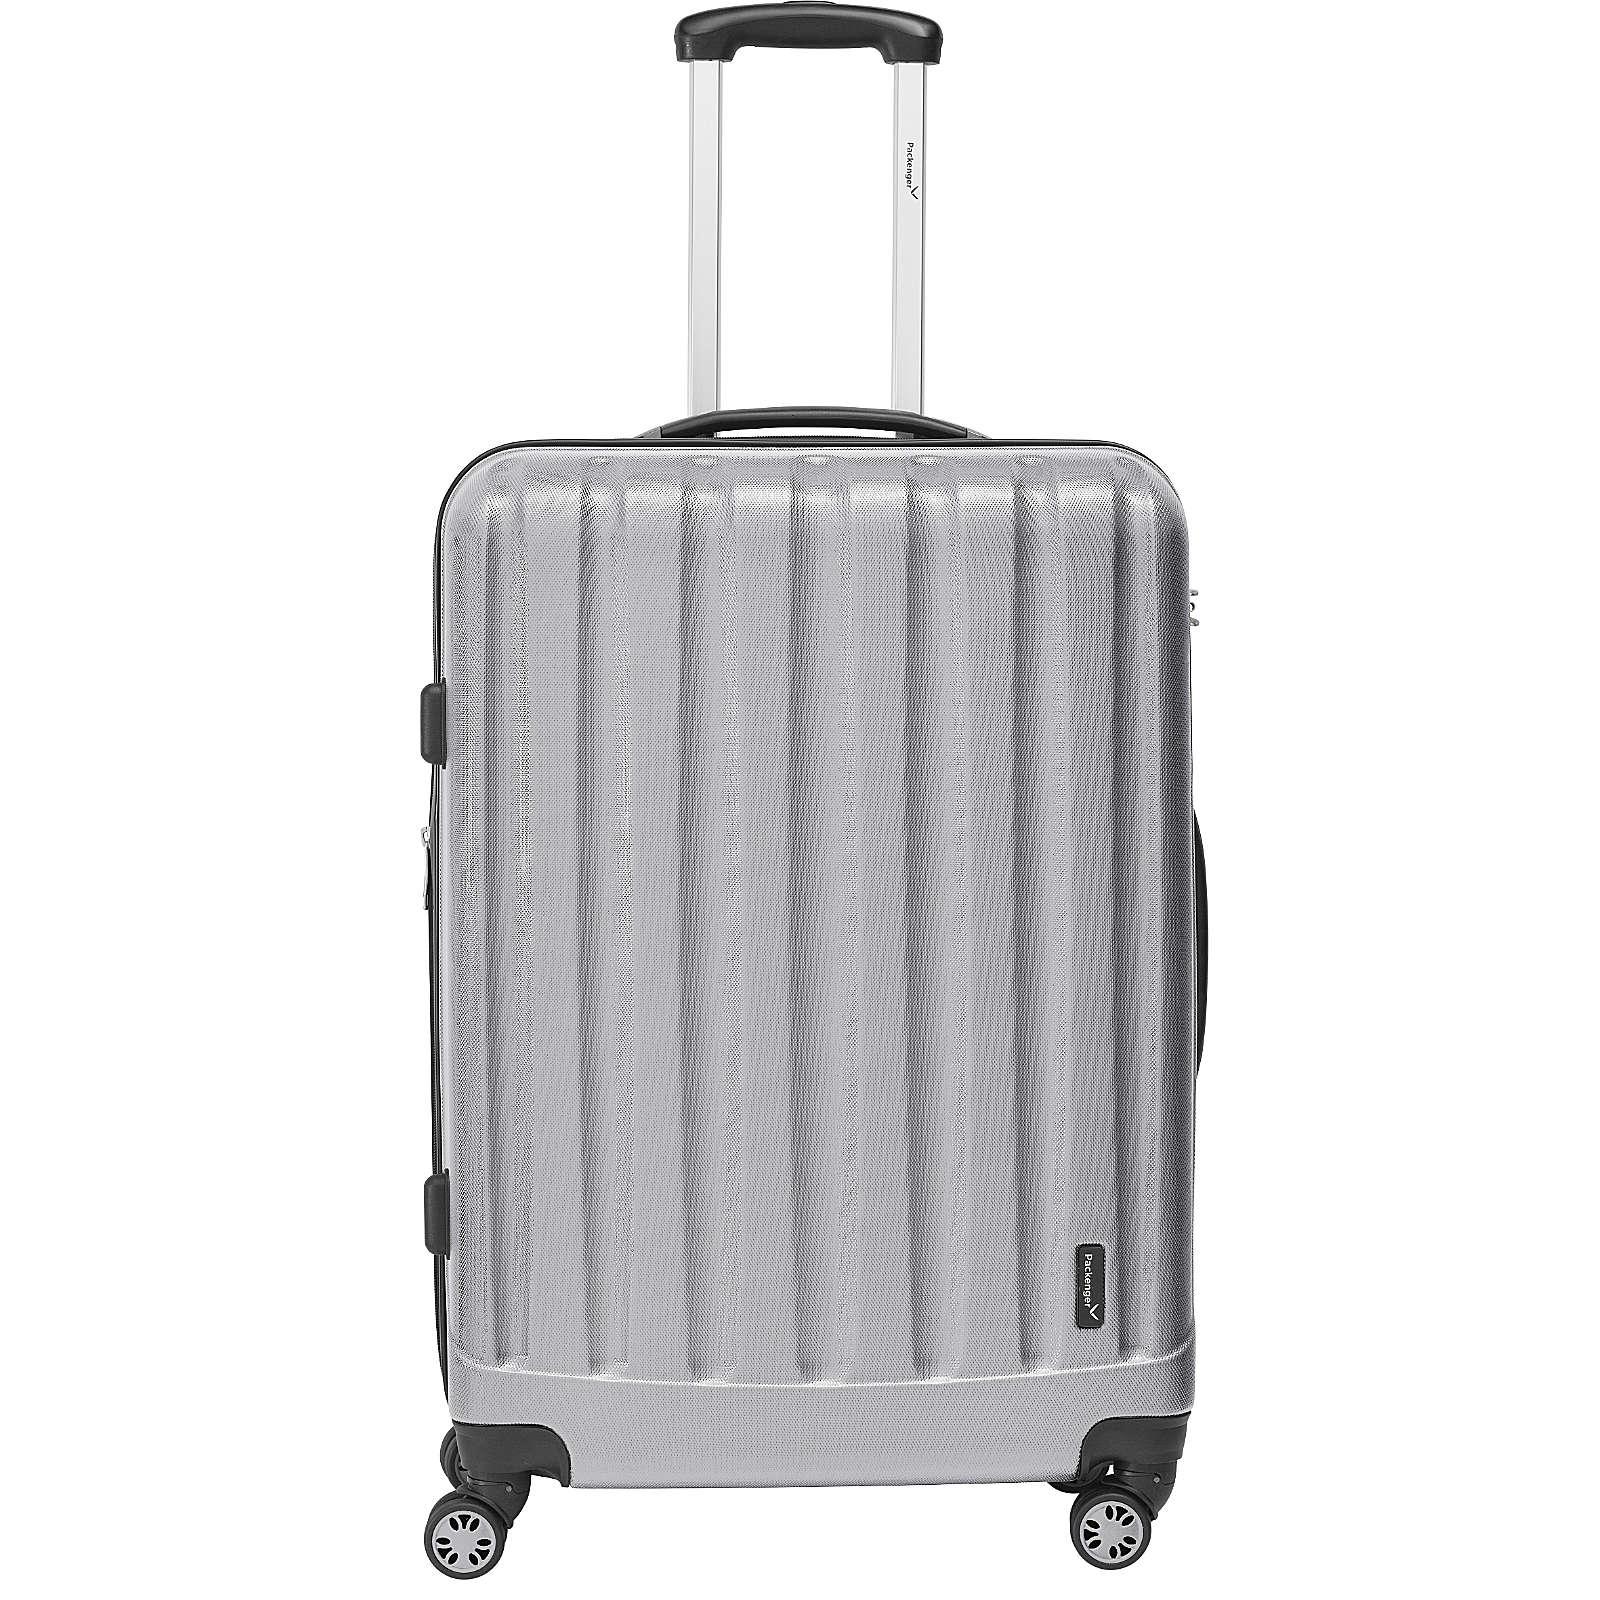 Packenger Koffer Velvet Reisetrolley silber